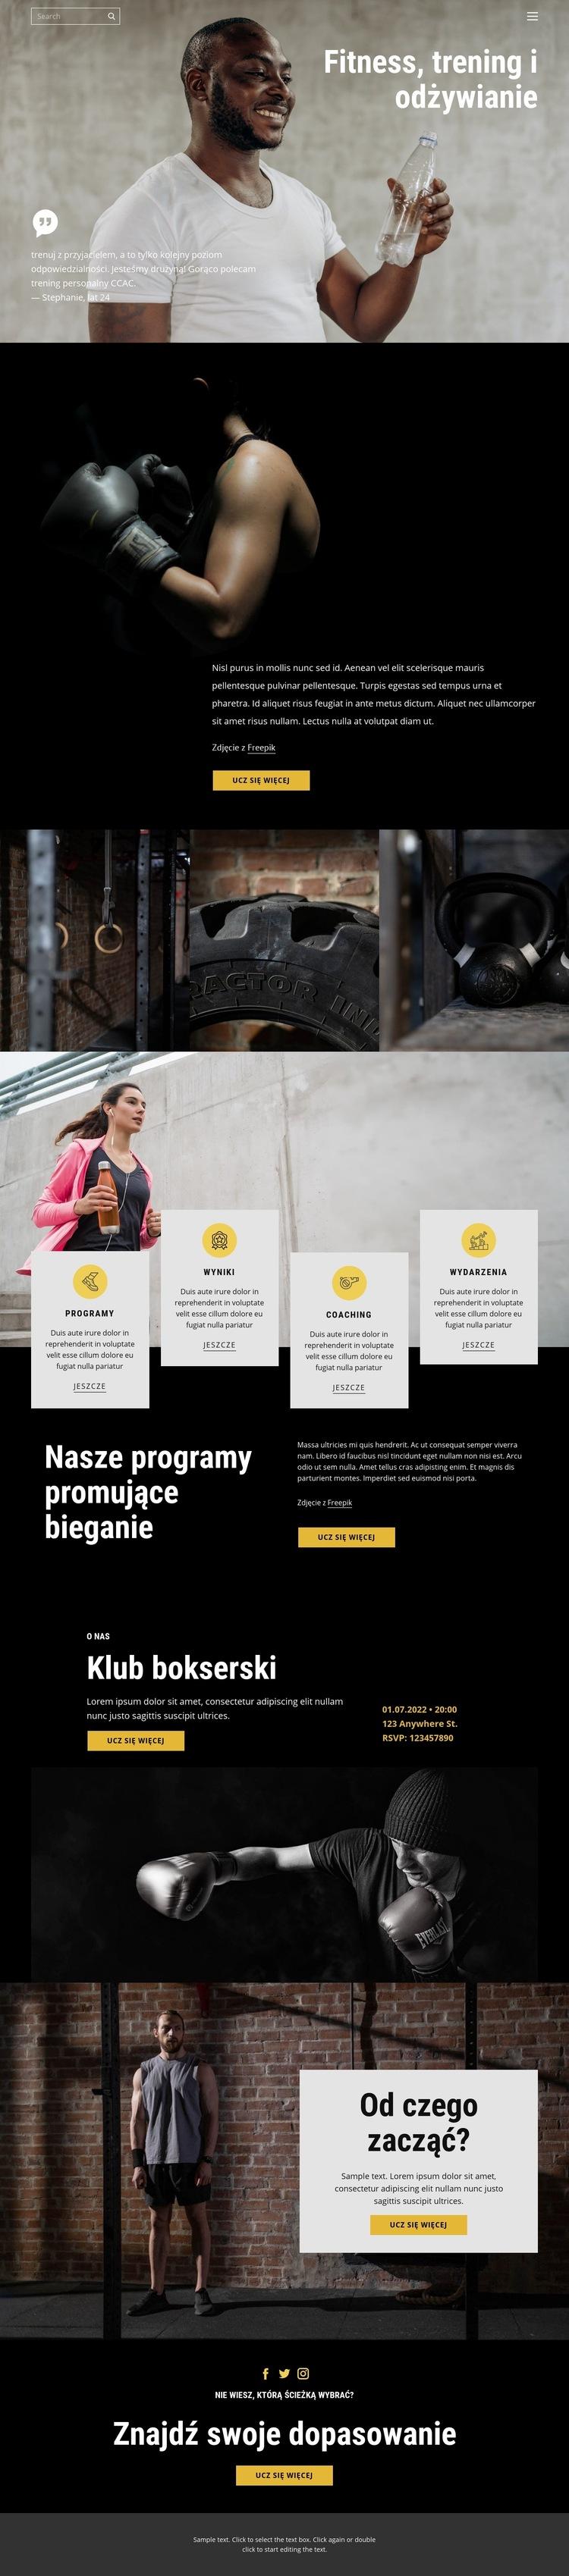 Kickboxing i crossfit Szablon witryny sieci Web